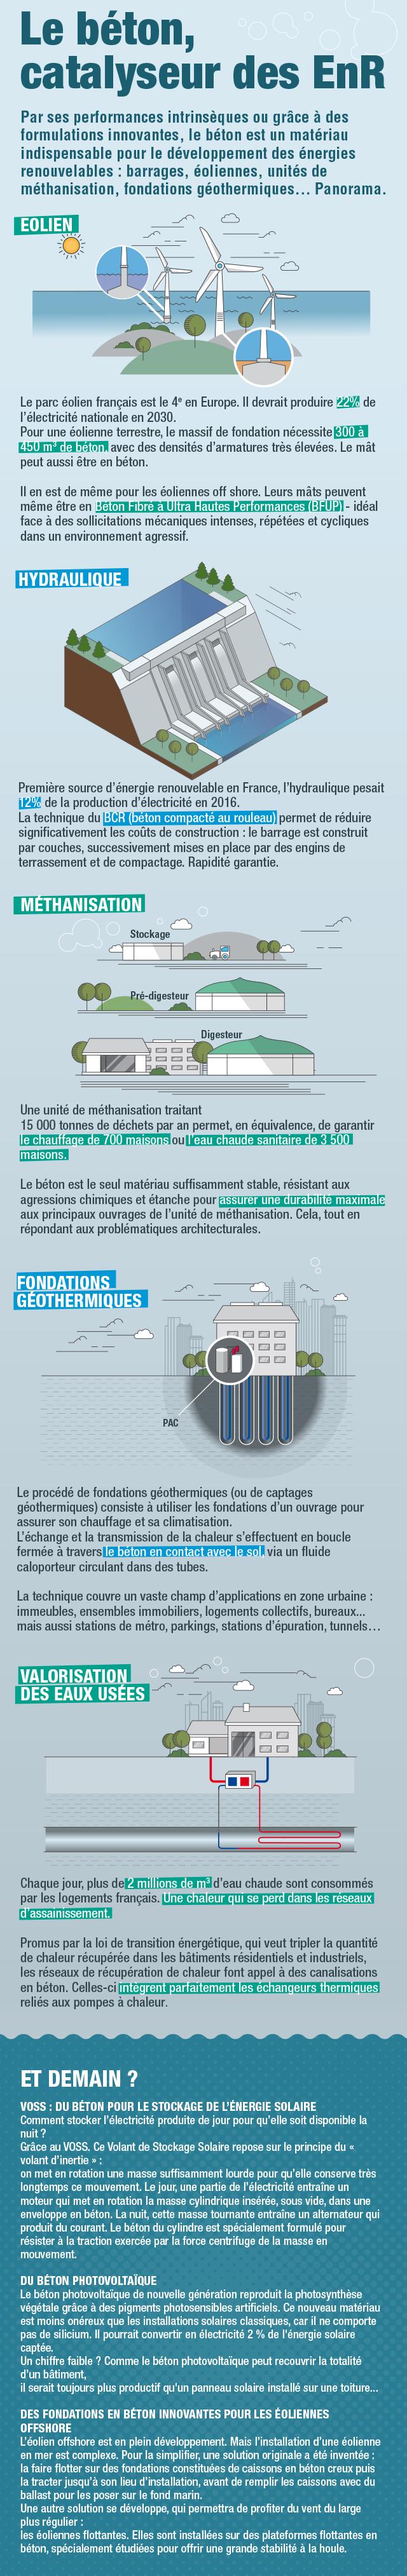 Infographie catalyseur des EnR